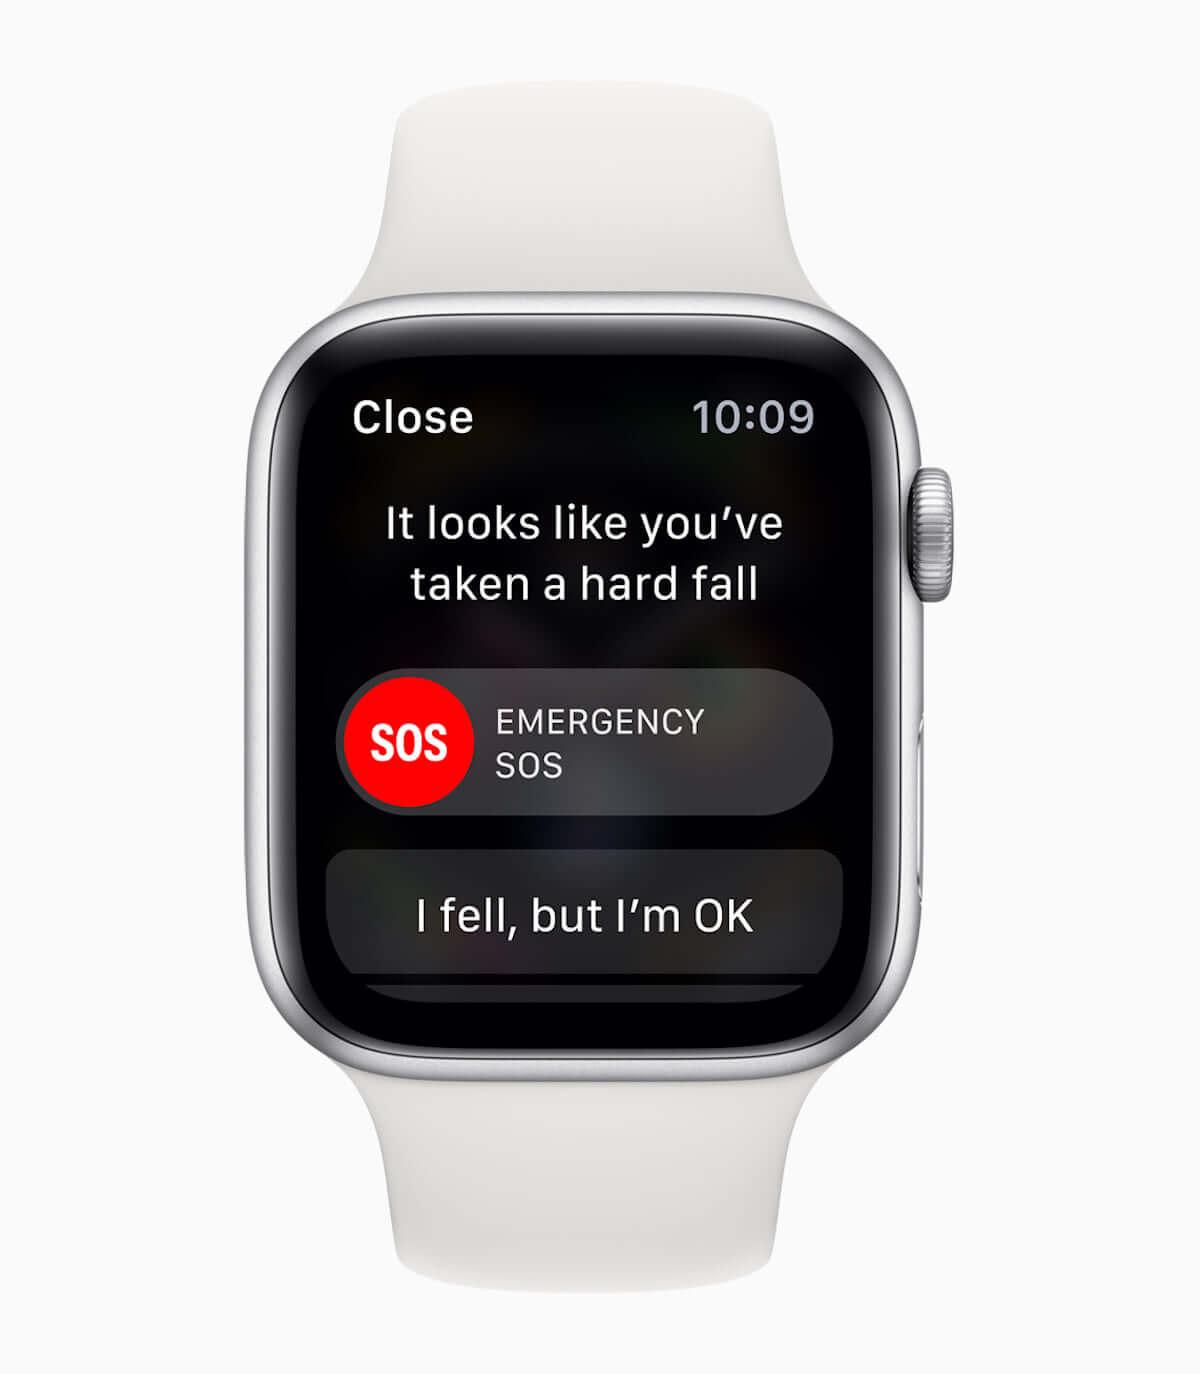 新Apple Watchの「転倒検出機能」が人命救助に貢献!過去にも心拍数異常検知機能で命を救った実績 technology181026_applewatch_1-1200x1374